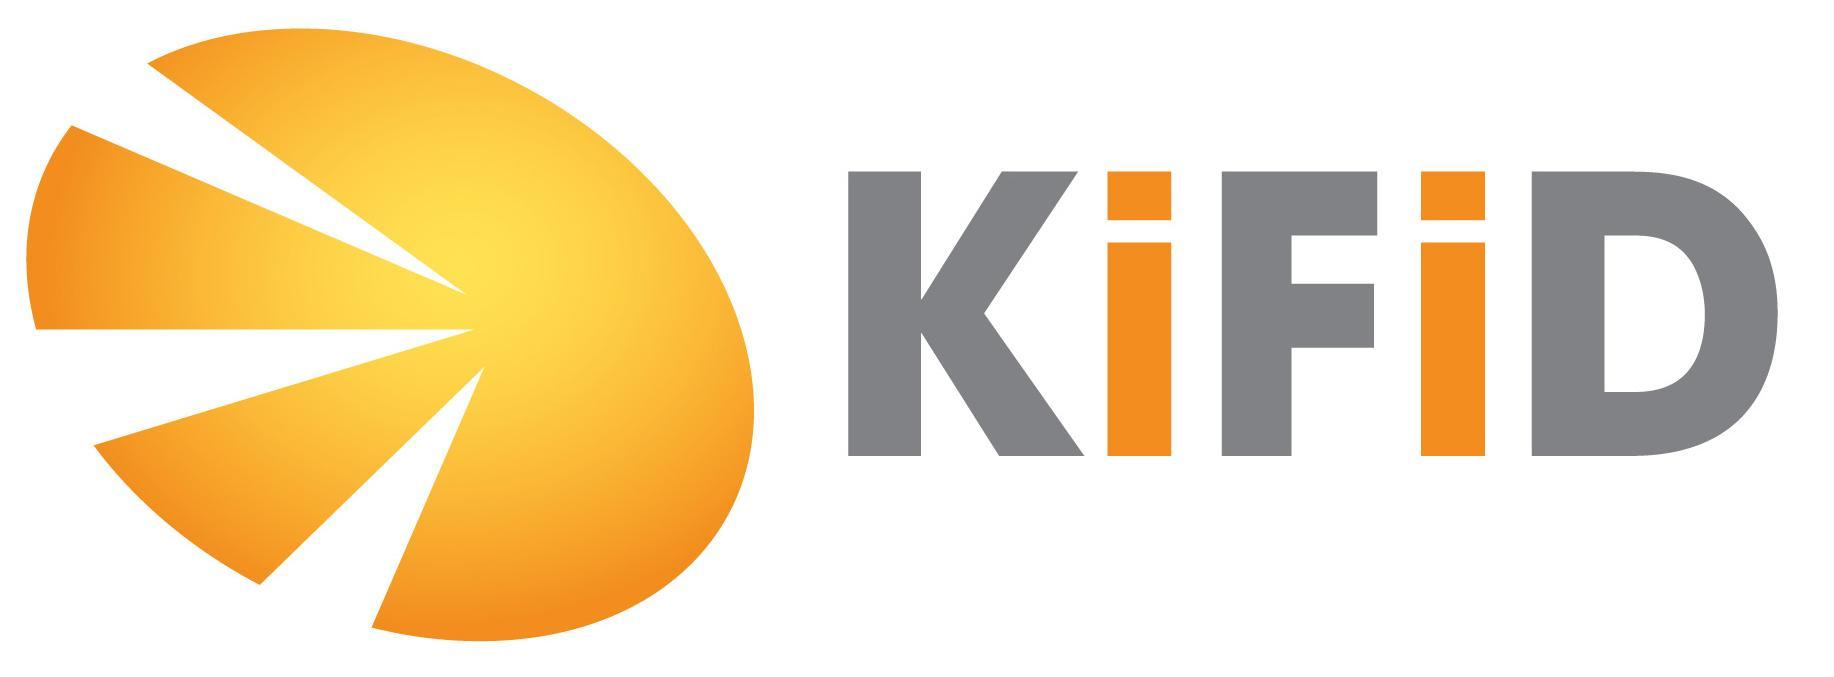 Uitleg Kifid voor wie twijfelt aan boeterente